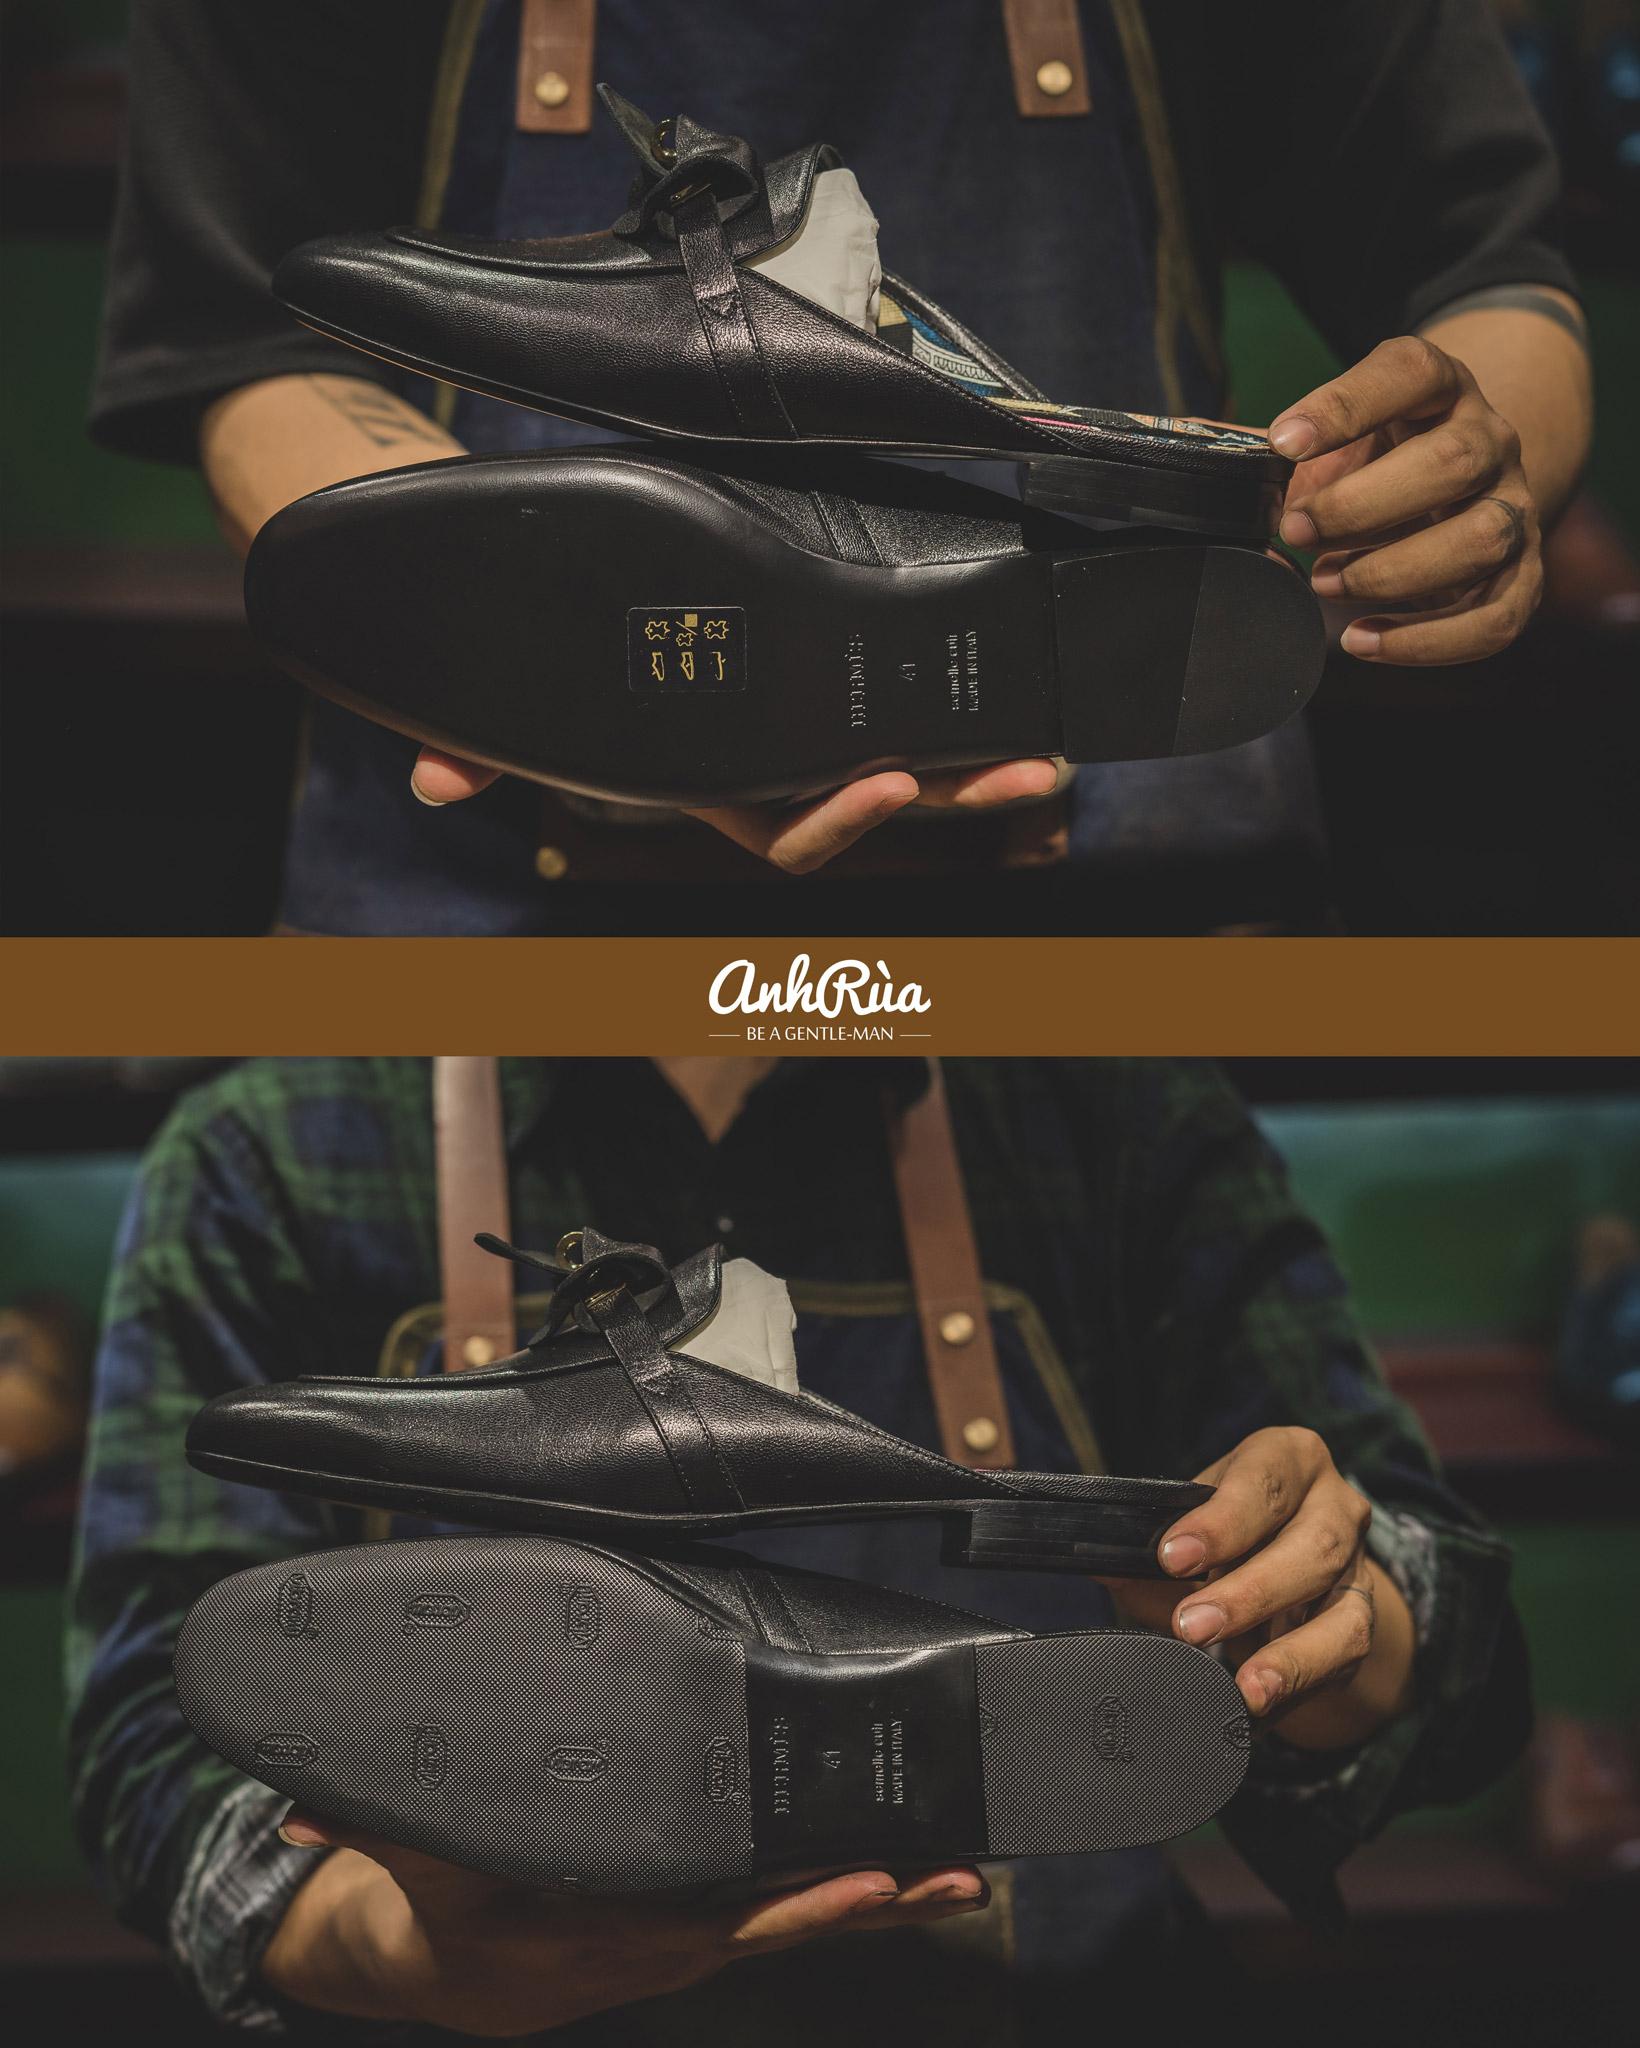 Dán đế giày Vibram đen